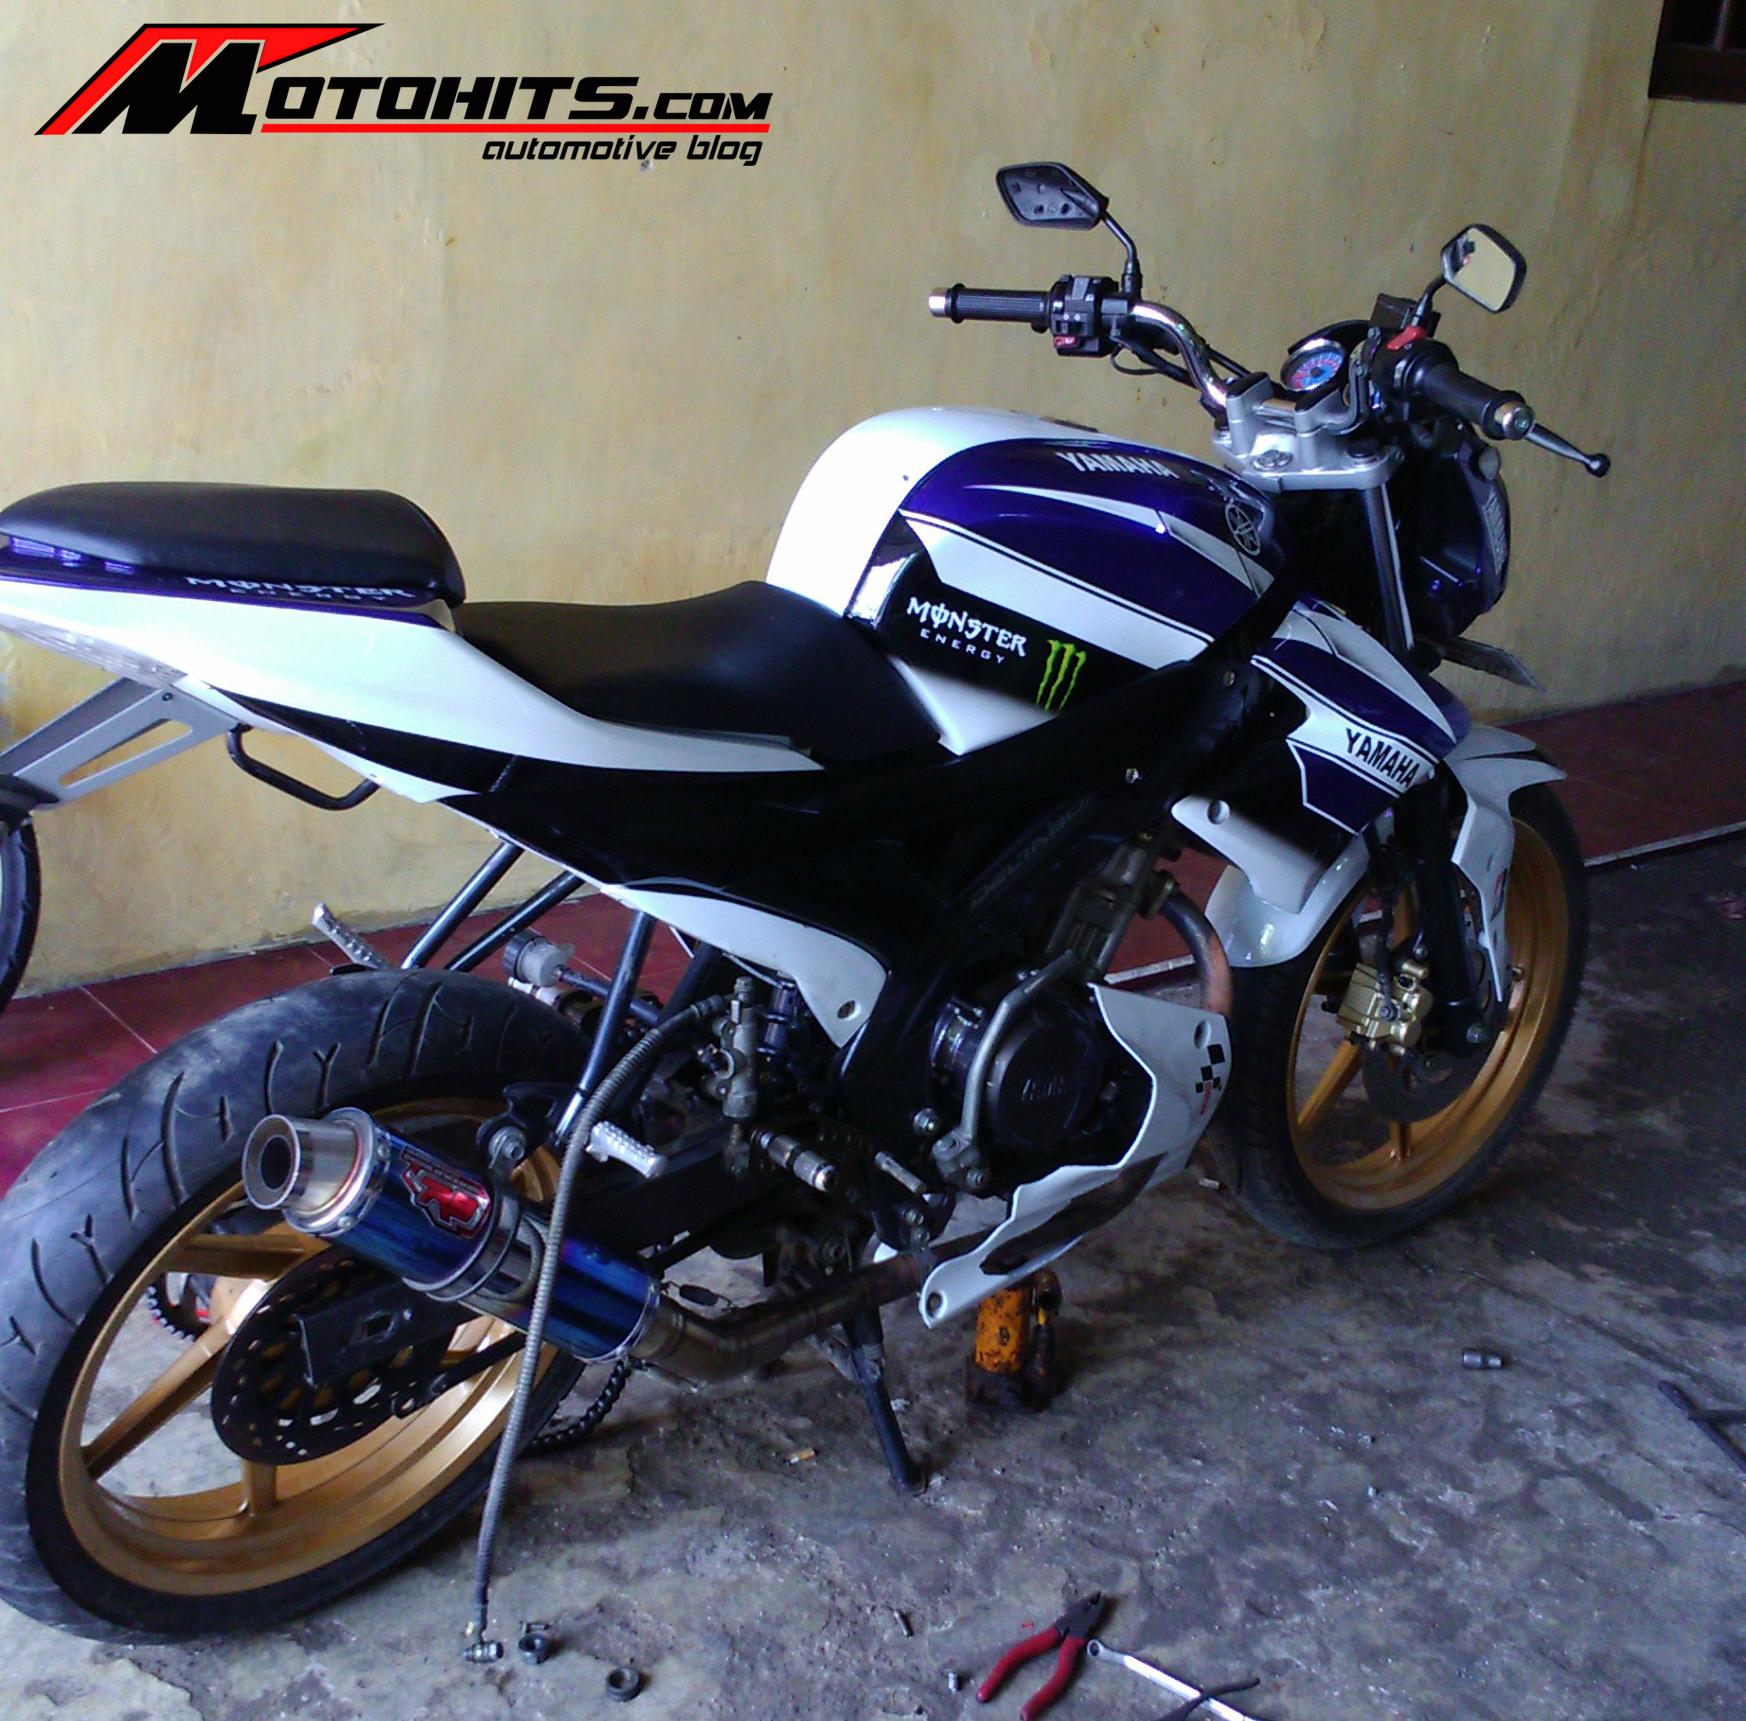 Dsc0011 Motohitscom